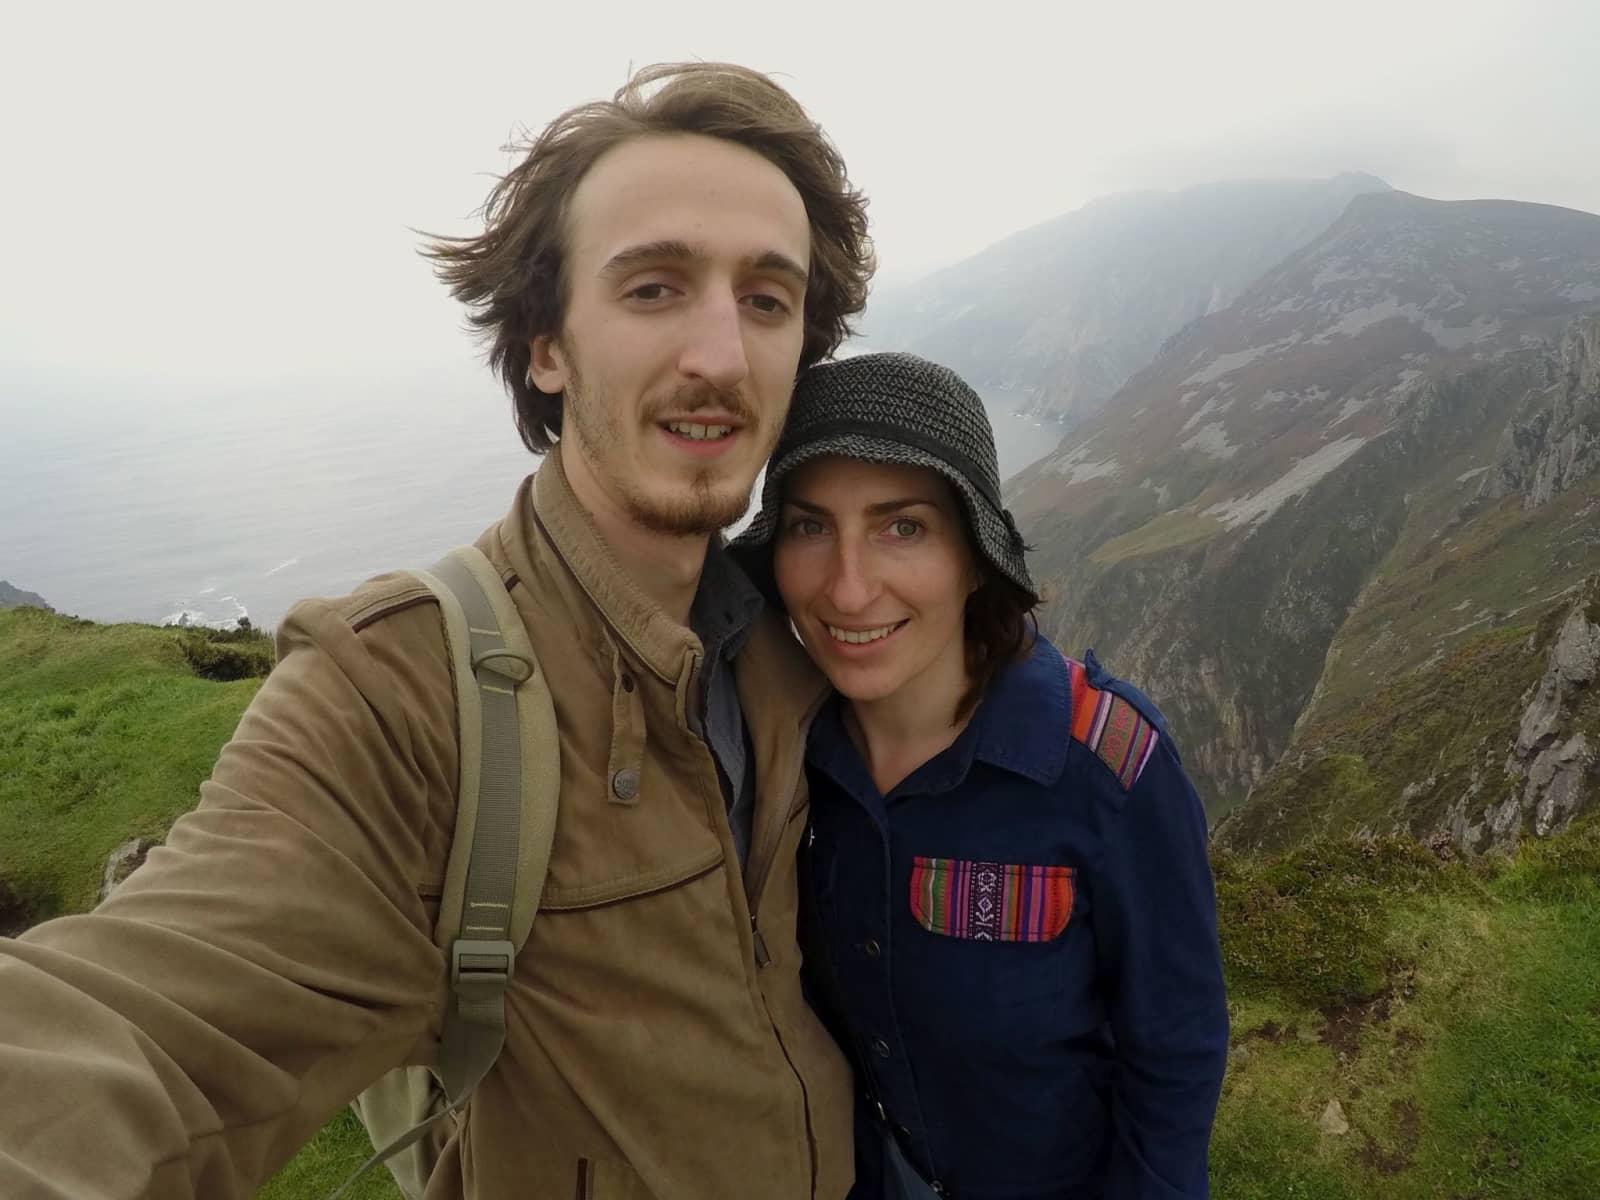 Irene & Irene from Gaillimh, Ireland